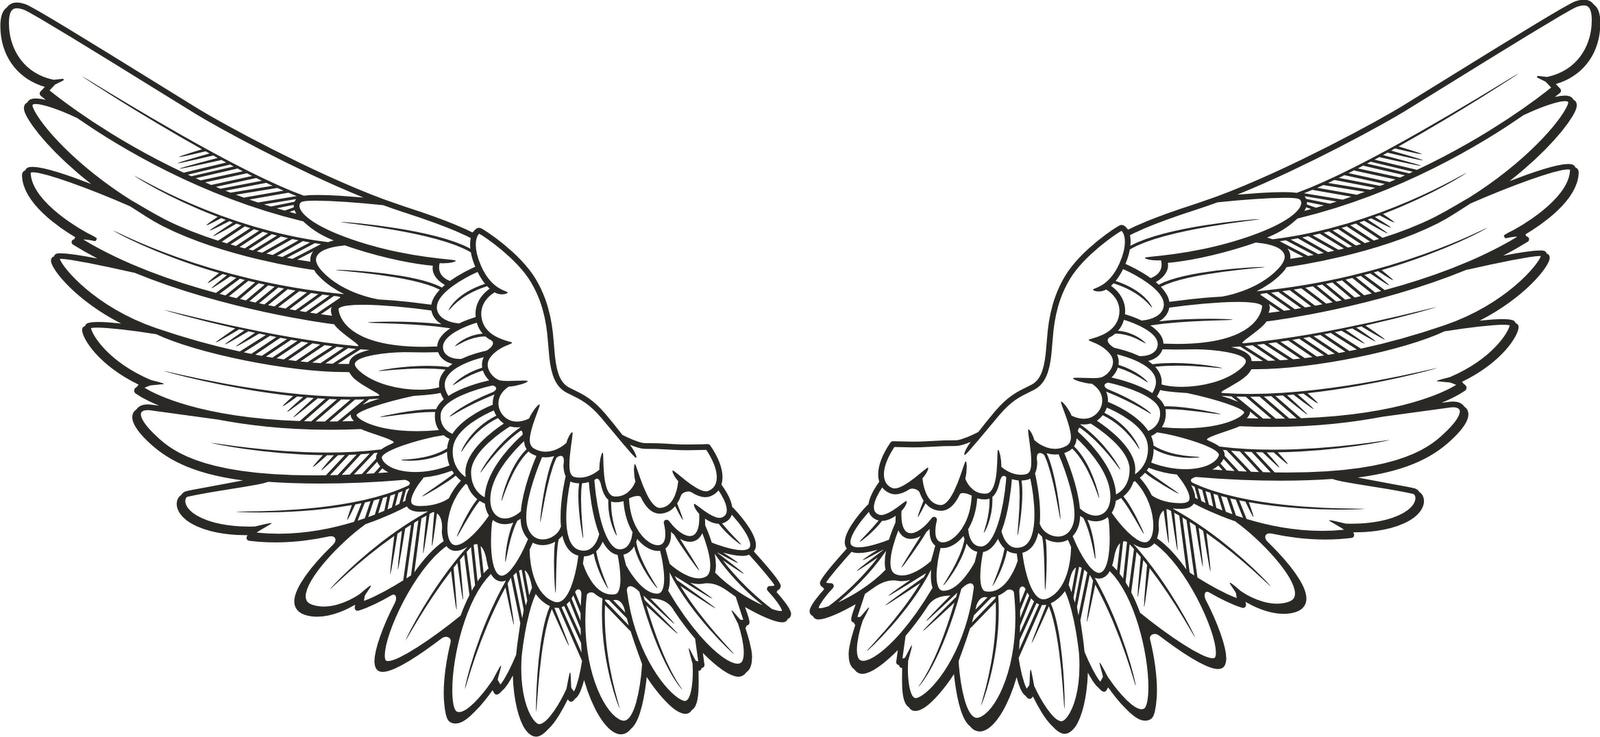 1600x737 Angel Wing Cartoon Drawings Angel Wings Drawings